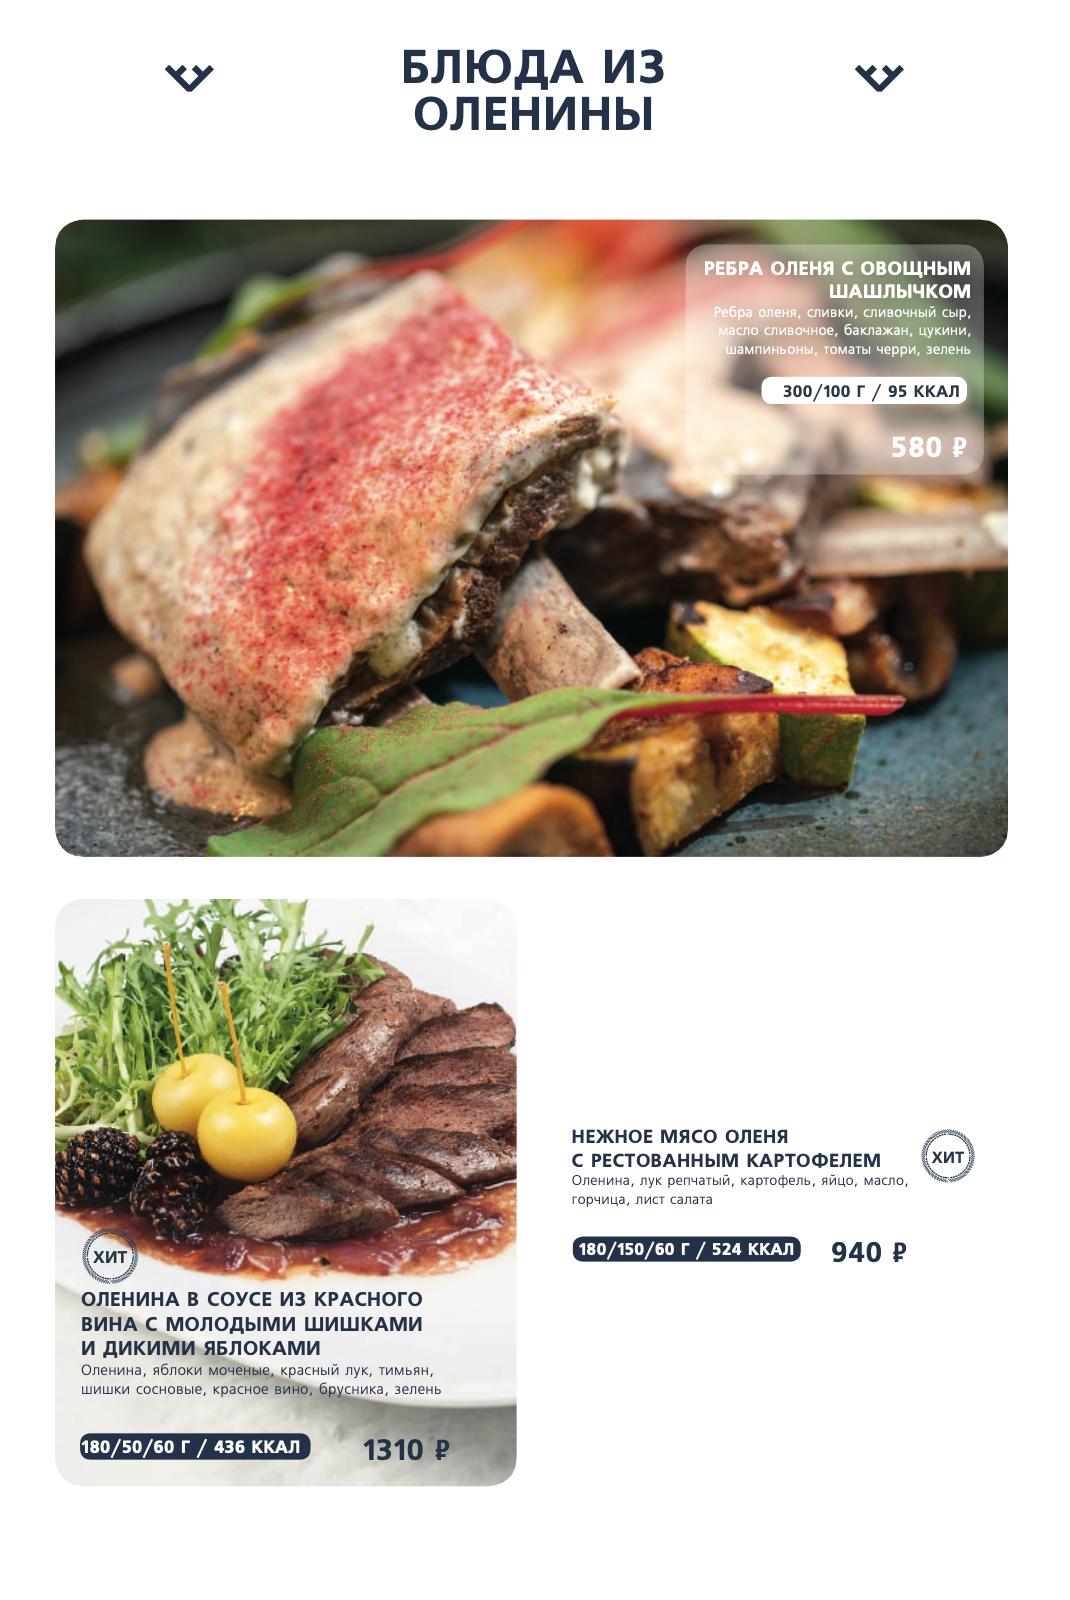 Отдельная страничка в меню «Чума» посвящена блюдам из оленины. Если вы не плакали из-за Бемби, то рекомендую попробовать. Источник: сайт ресторана «Чум»